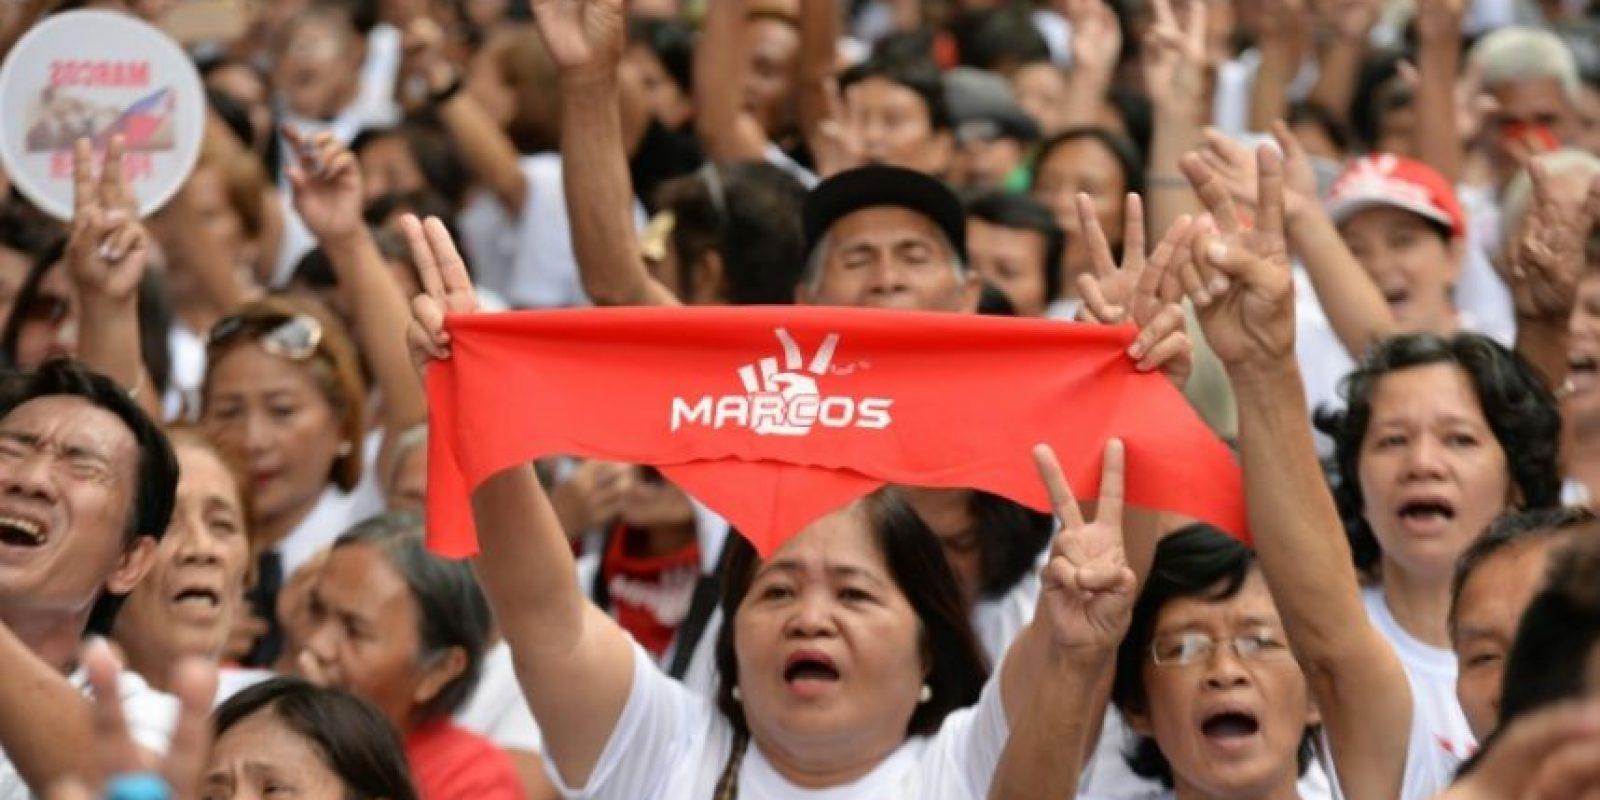 Seguidores de Ferdinand Marcos celebran la decisión judicial frente a la sede de la Corte Suprema de Filipinas, este martes 8 de noviembre en Manila Foto:Ted Aljibe/afp.com